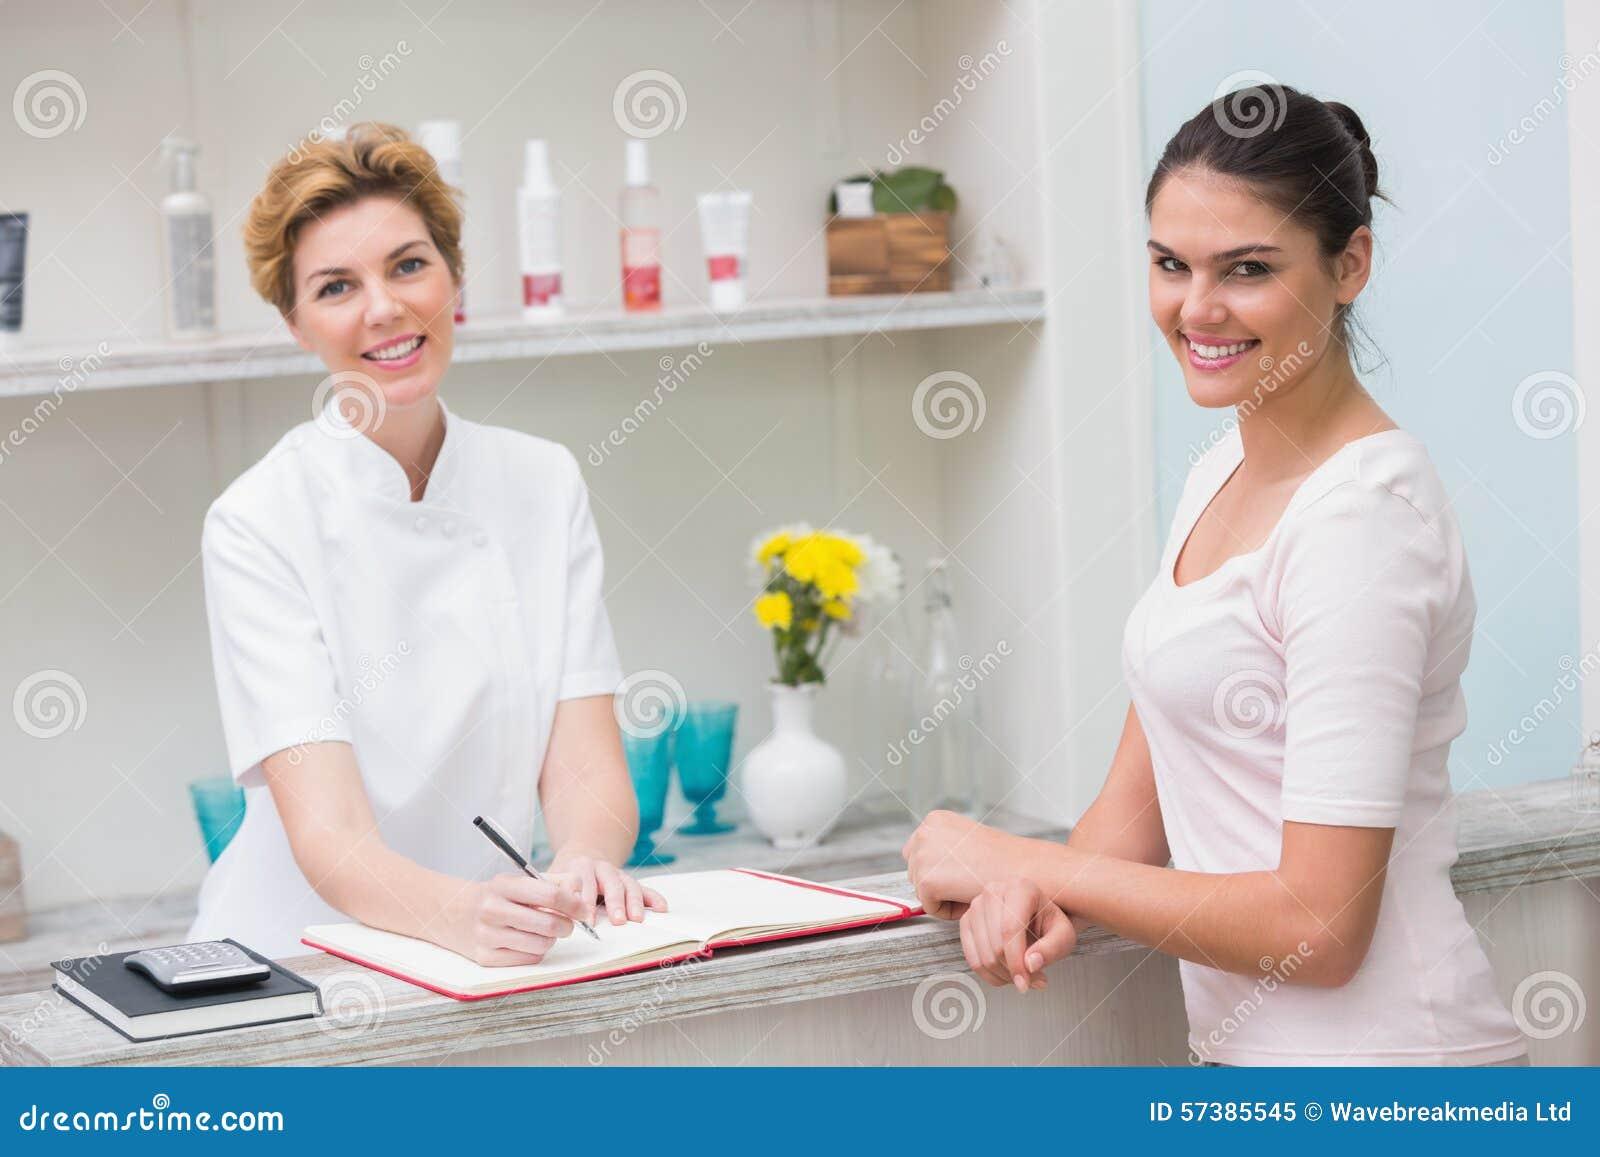 Mooie schoonheidsspecialist die met cliënt glimlachen